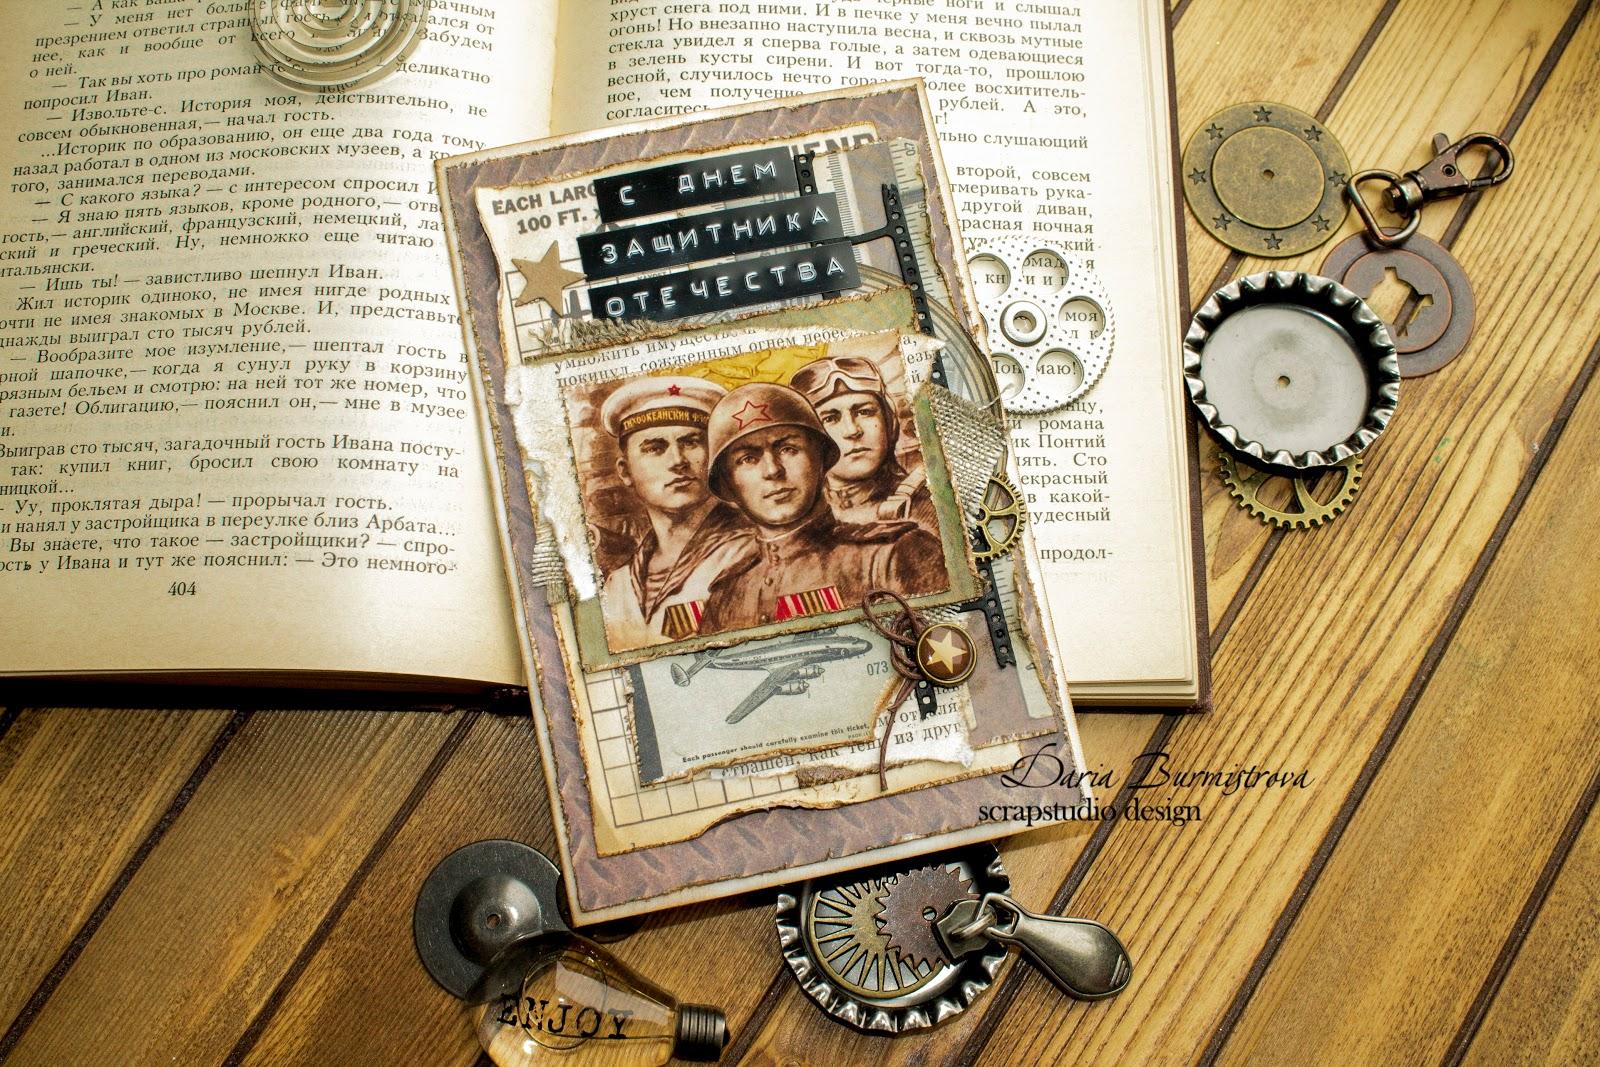 Приколы, история открыток блог